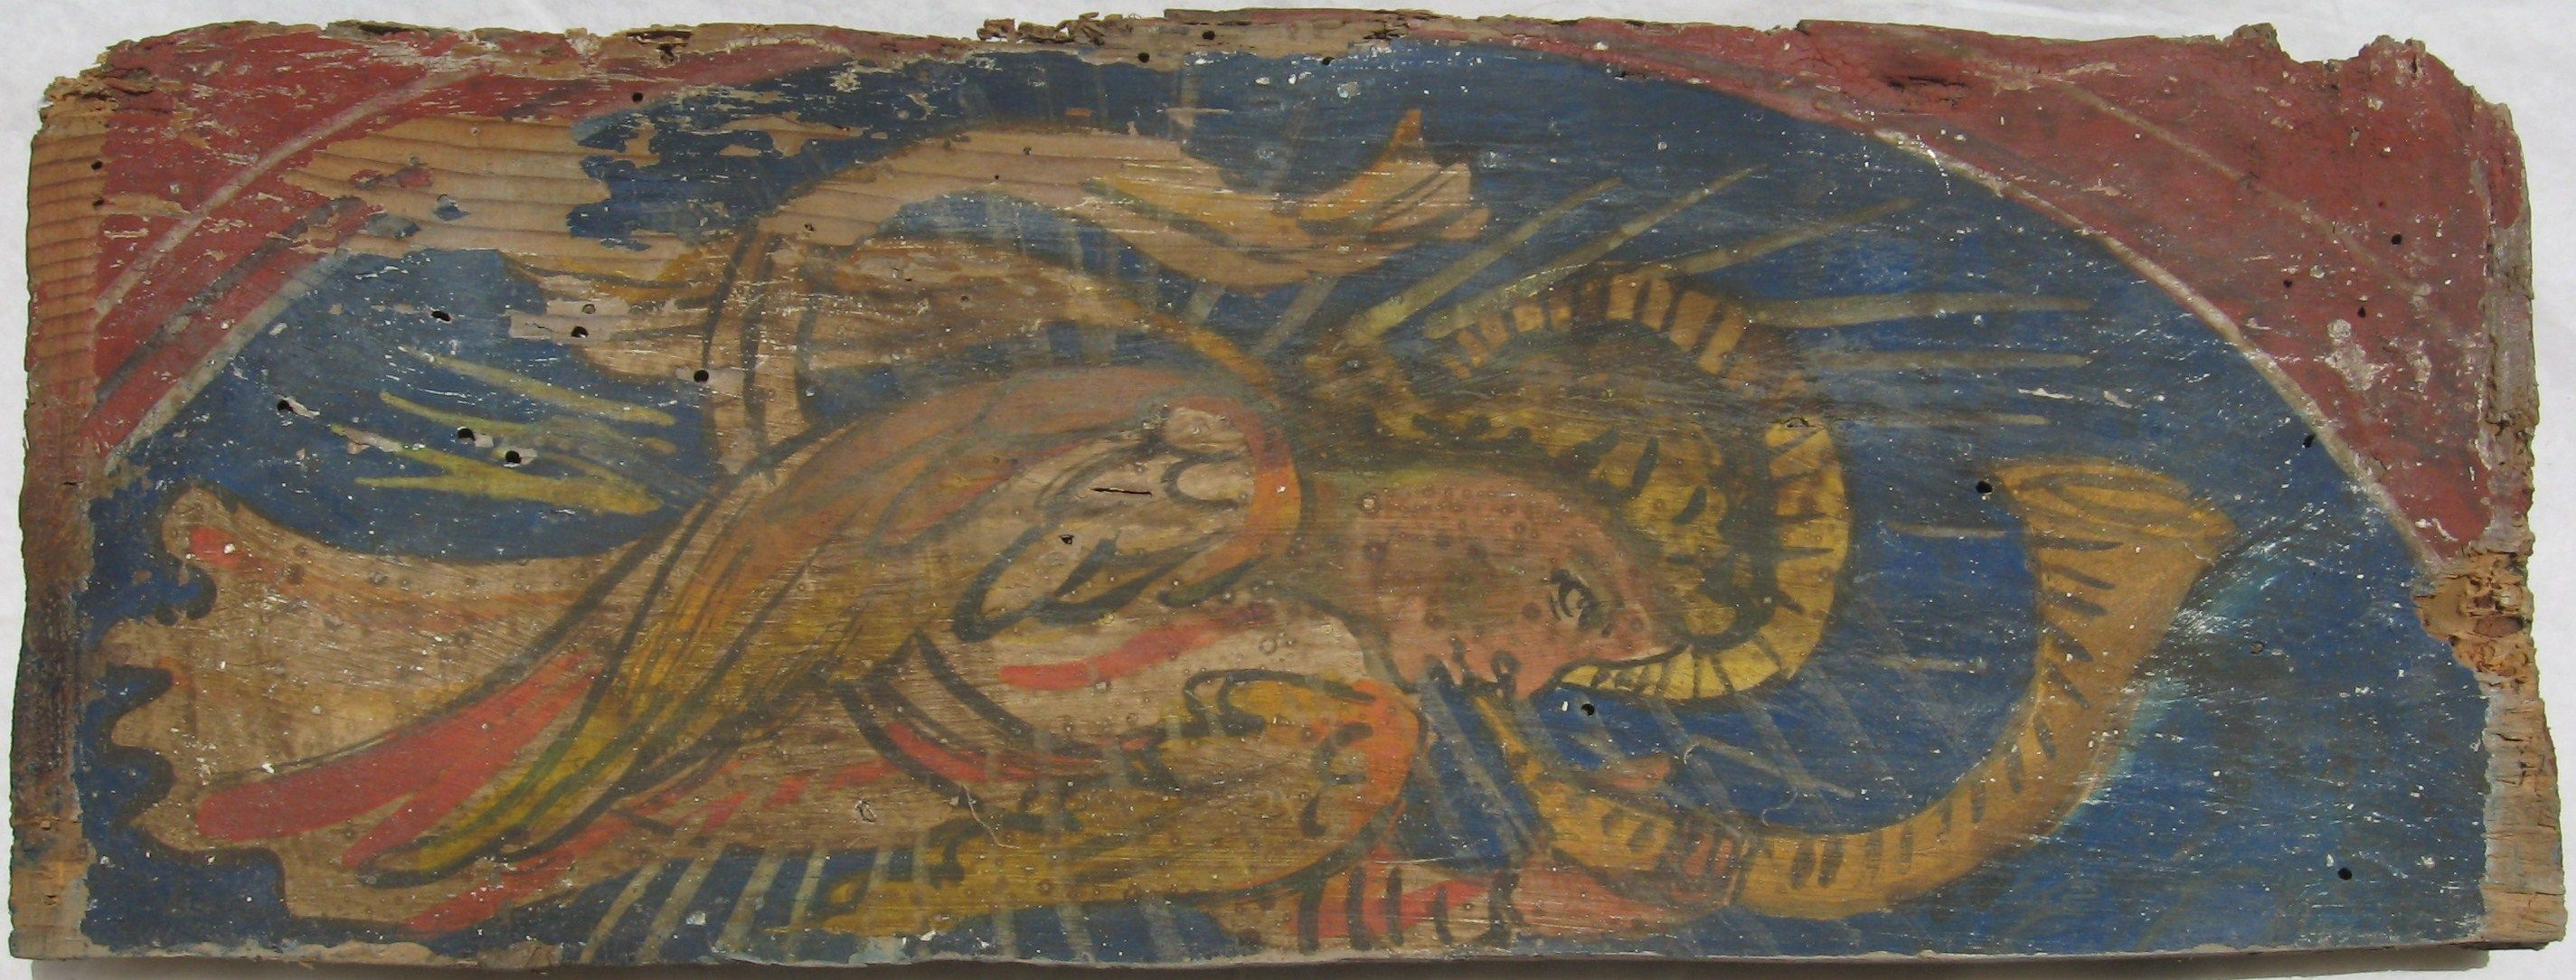 Pin Op Tavole Lignee Dipinte A Tempera Collezione Siqilliyya Relazione Restauro Conservativo Osservazioni E Schede Di Documentazione